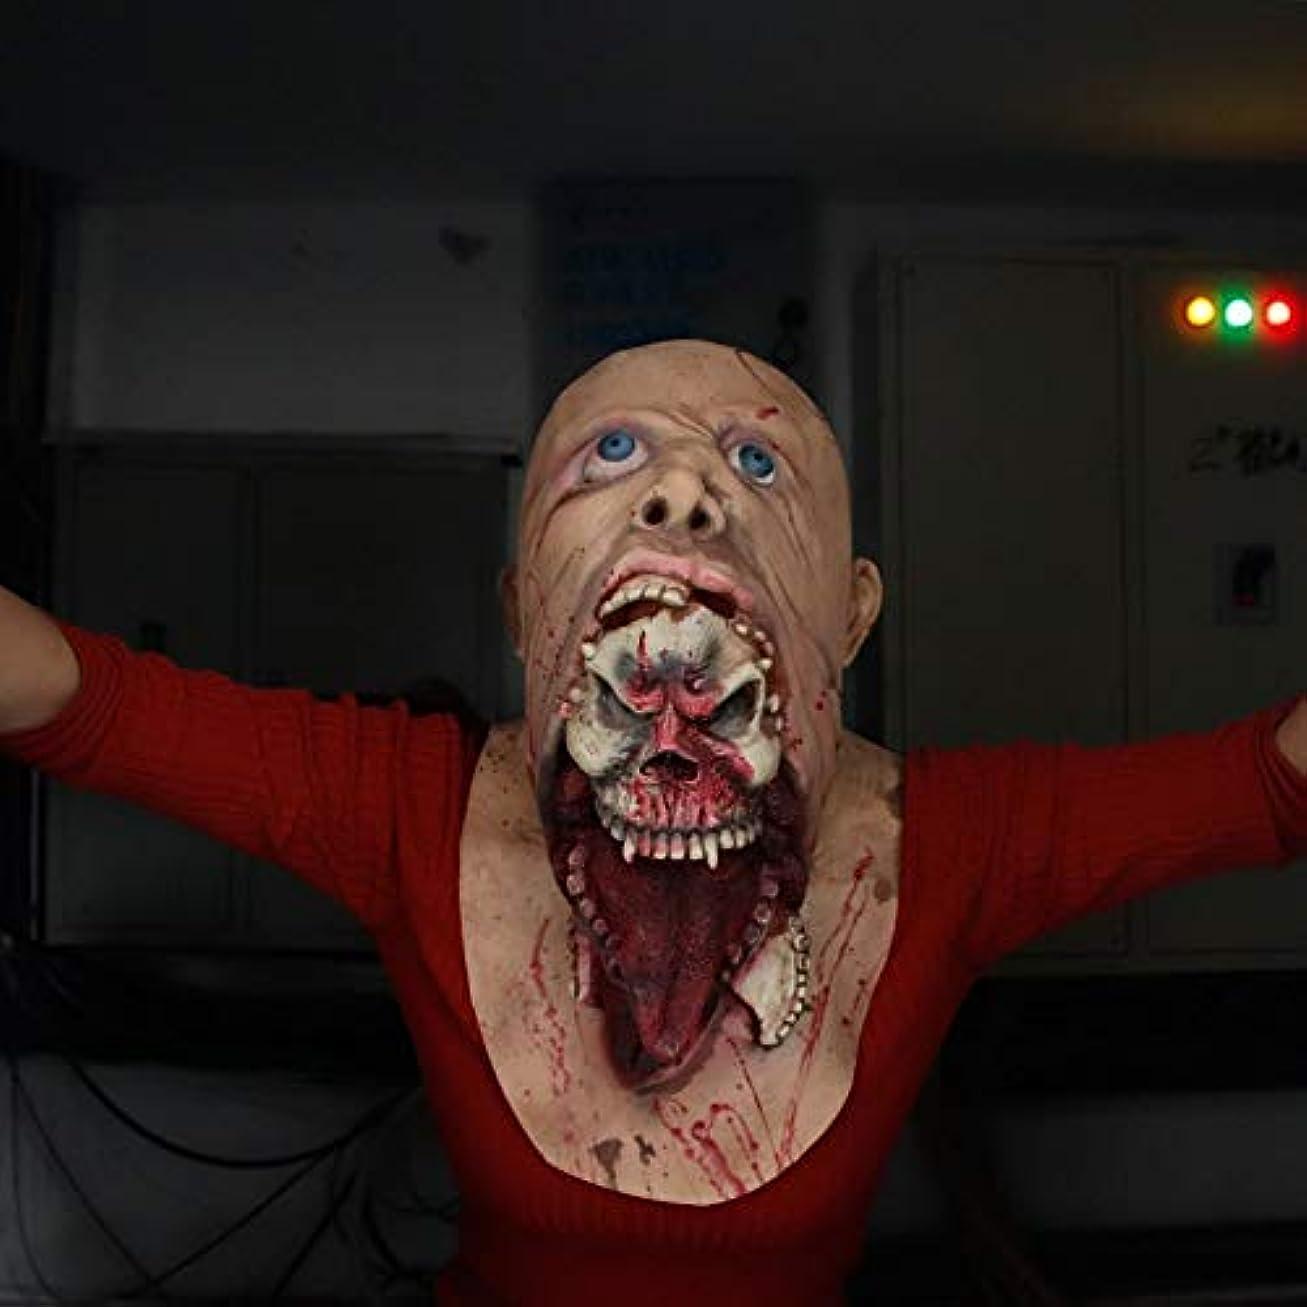 傾向があるはがきハイキングラテックスゾンビハロウィーンマスク、怖い寄生虫マスク、怖い残酷なラテックスマスク